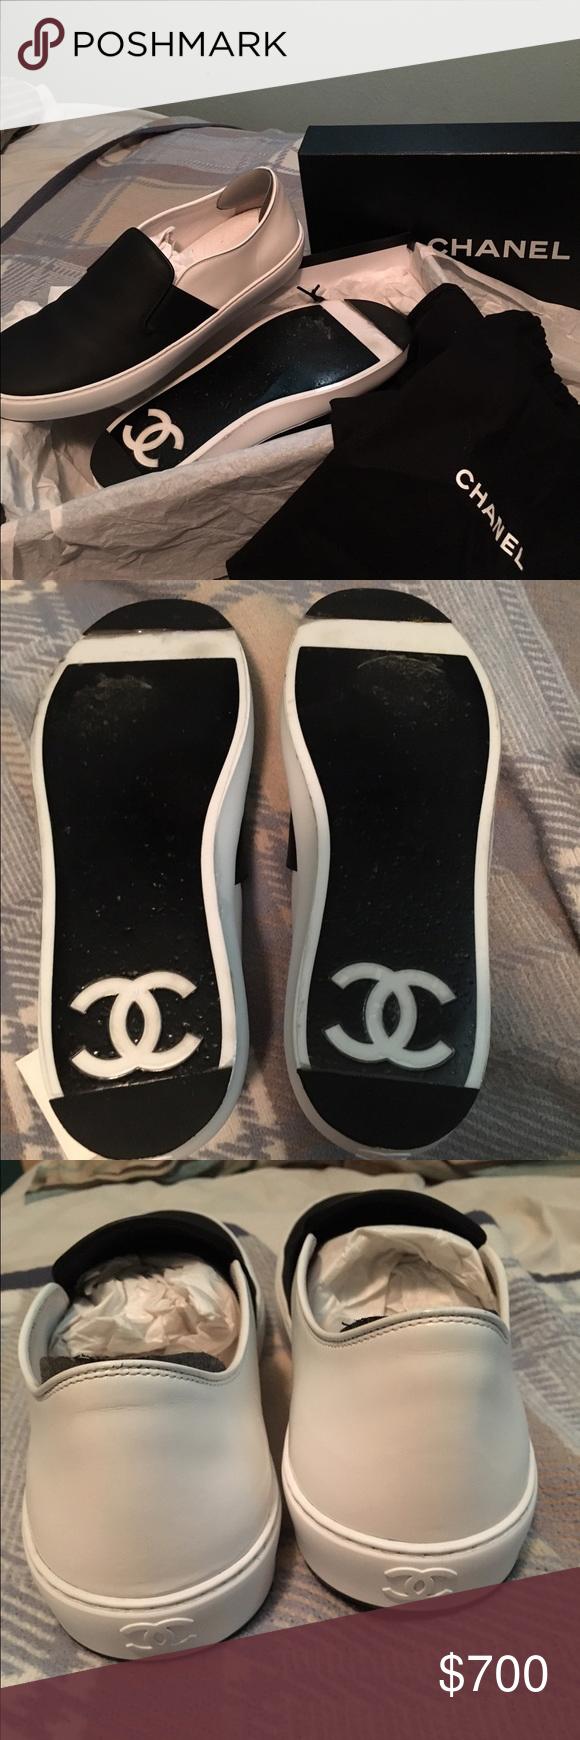 Size 43(10US) Chanel unisex slip-on